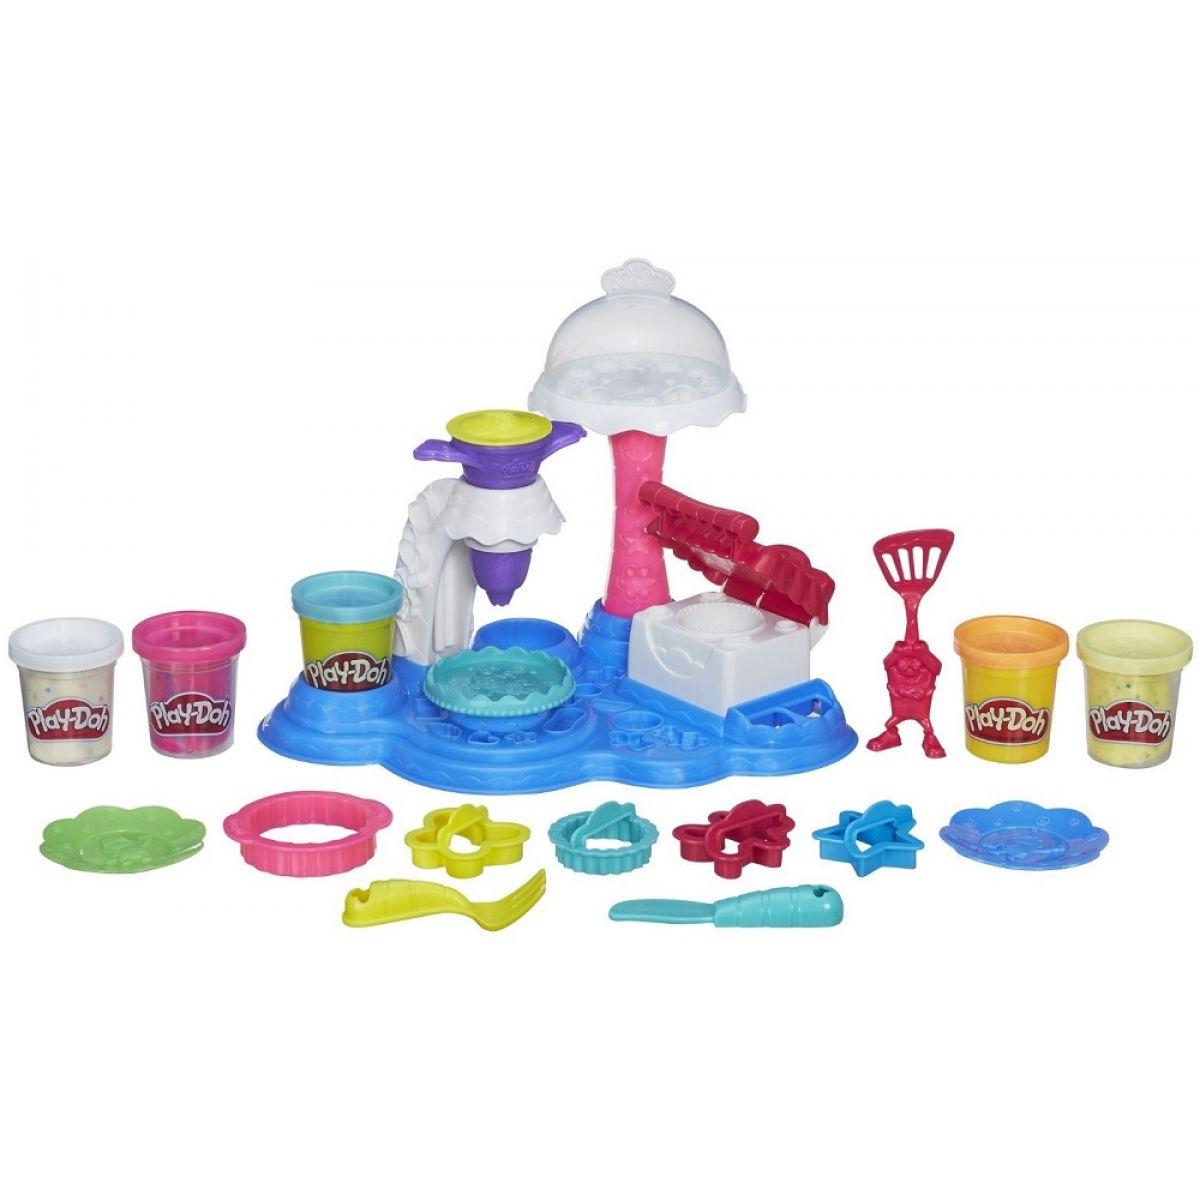 Play-Doh Set párty dort - Poškozený obal